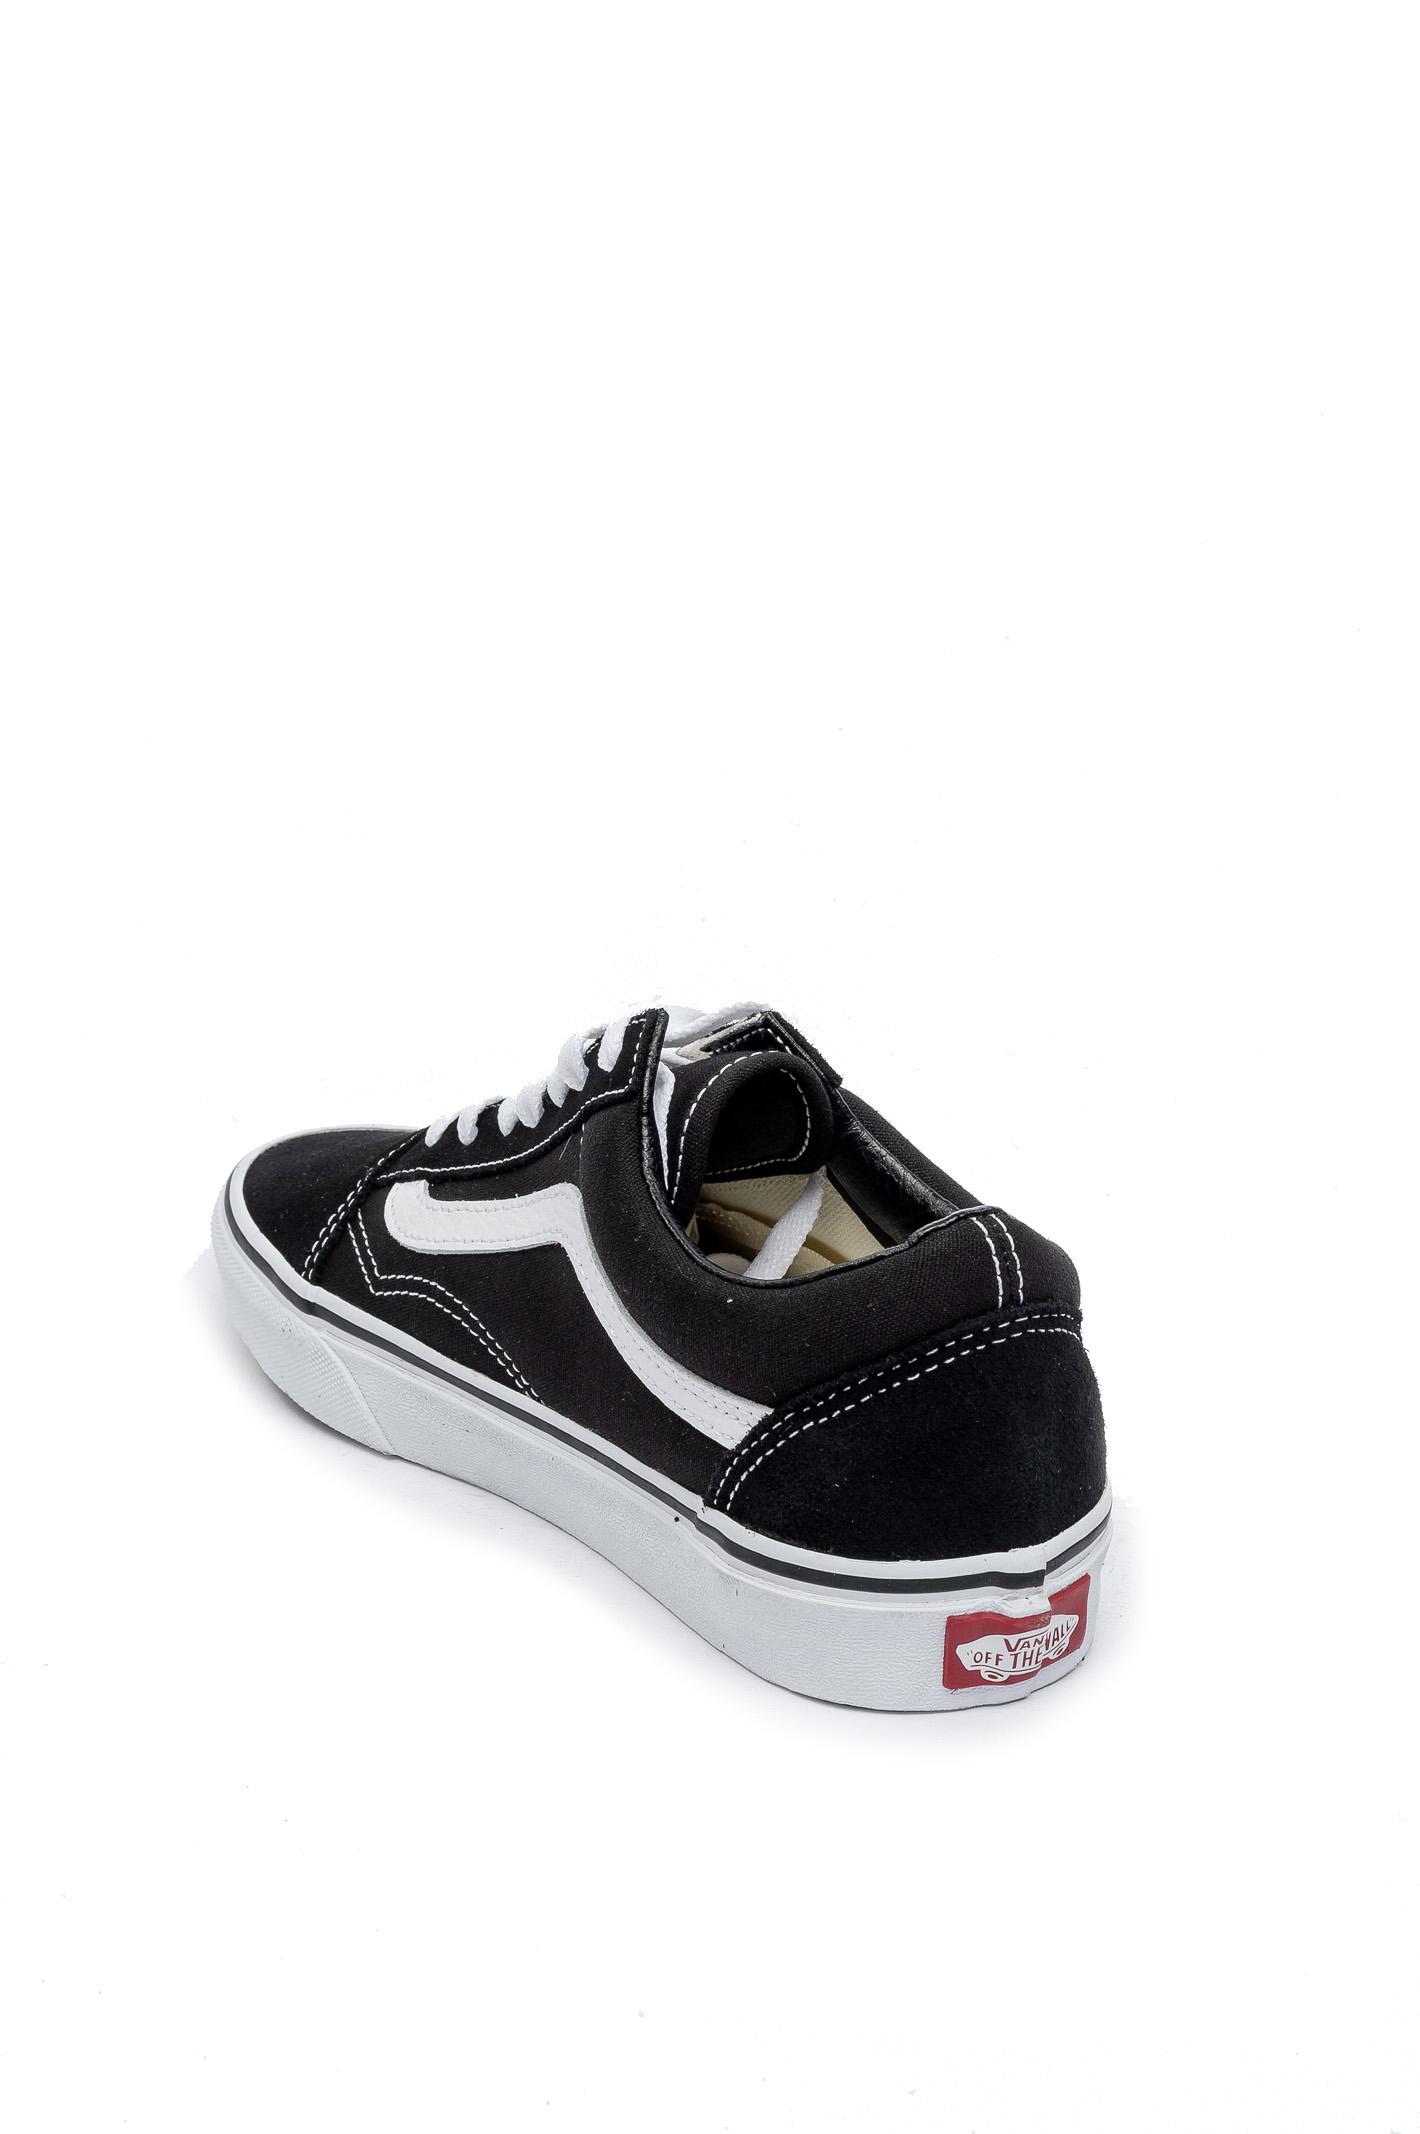 VN000D3HY281OLD SKOOL-BLACK/WHITE